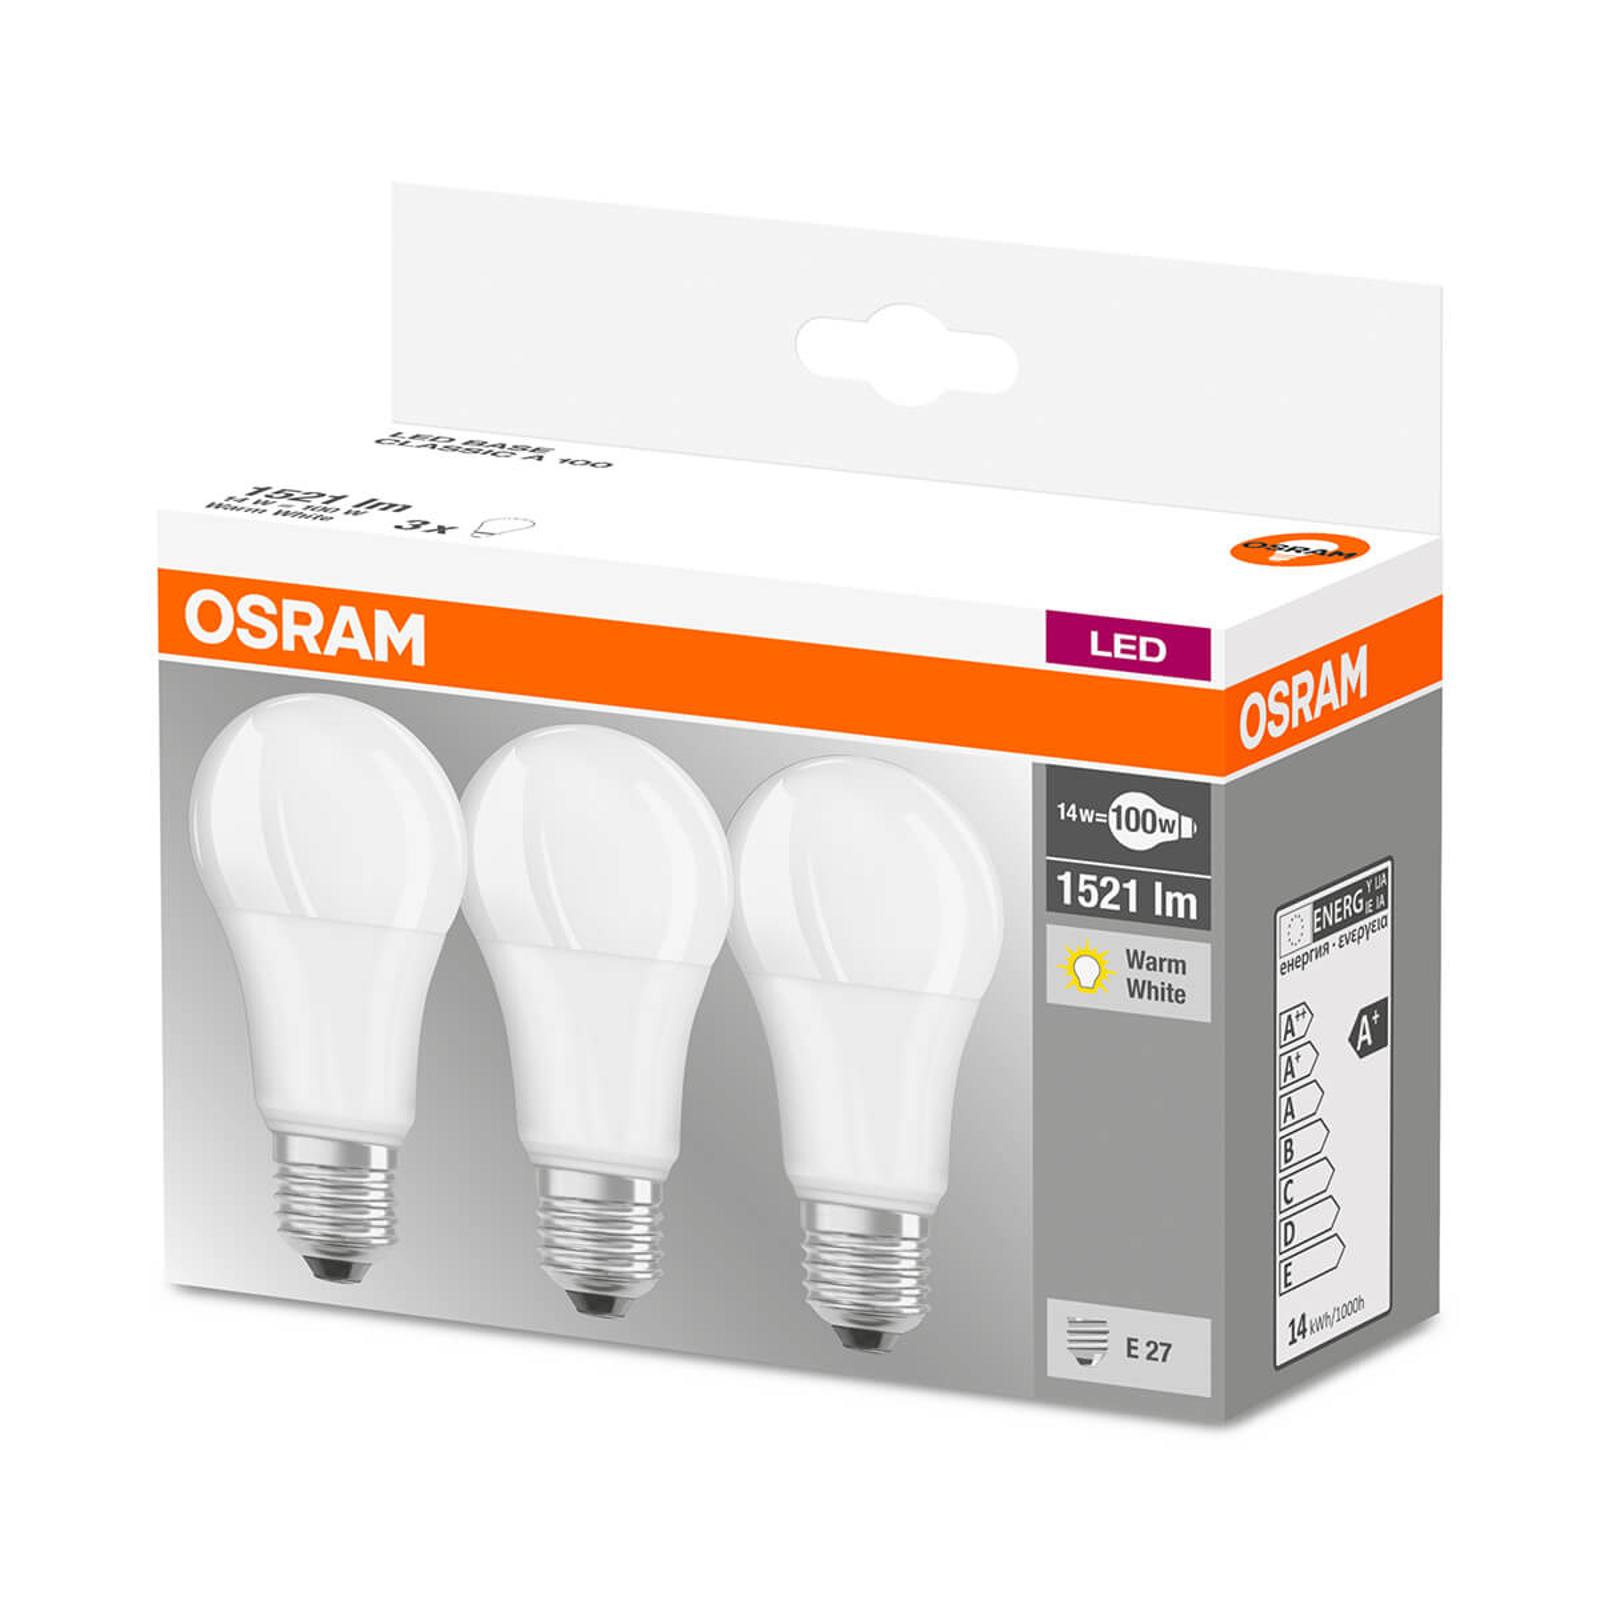 Ampoule LED E27 14W, blanc chaud, kit de 3